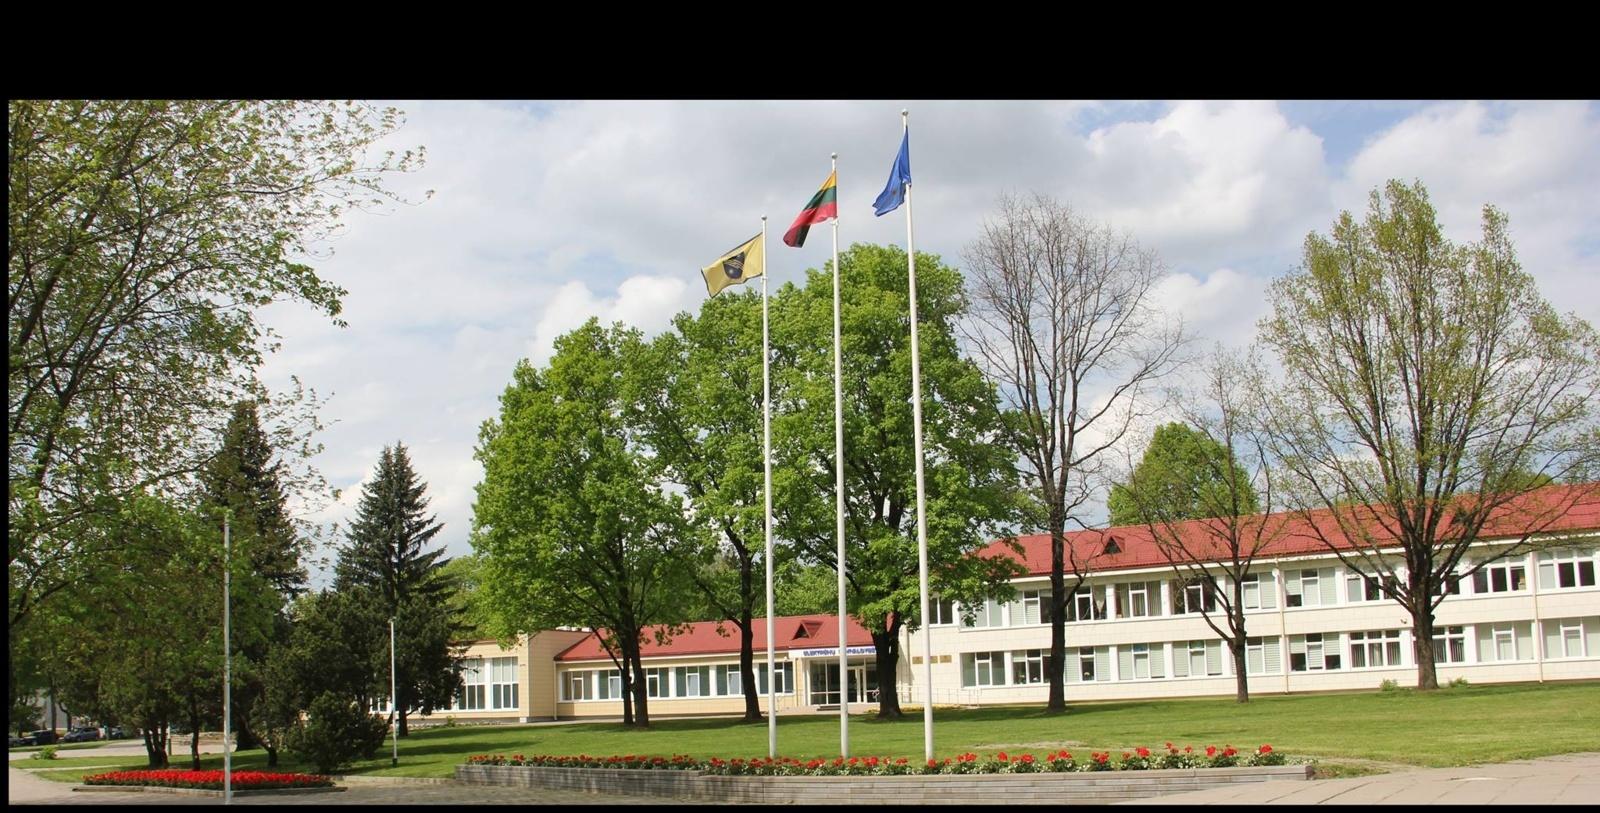 Patvirtintas Elektrėnų savivaldybės 2020 m. biudžetas – 32,9 mln. eurų